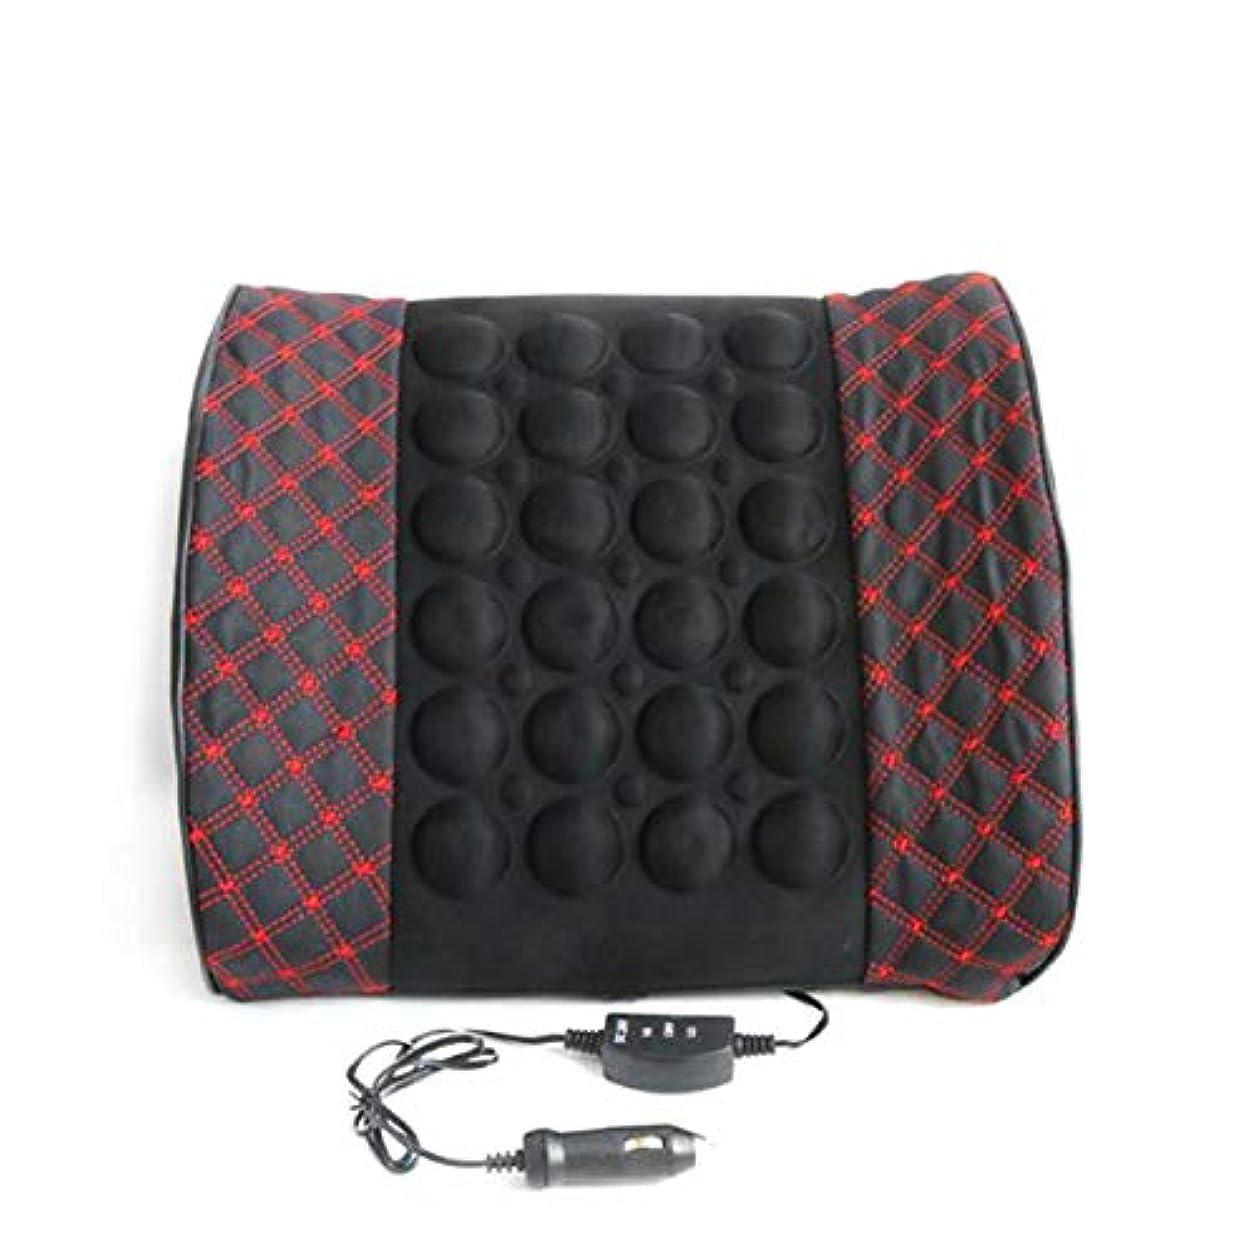 療法医薬歌詞Microfiber Leather Car Back Support Lumbar Posture Support Breathable Electrical Massage Cushion Health Care Tool